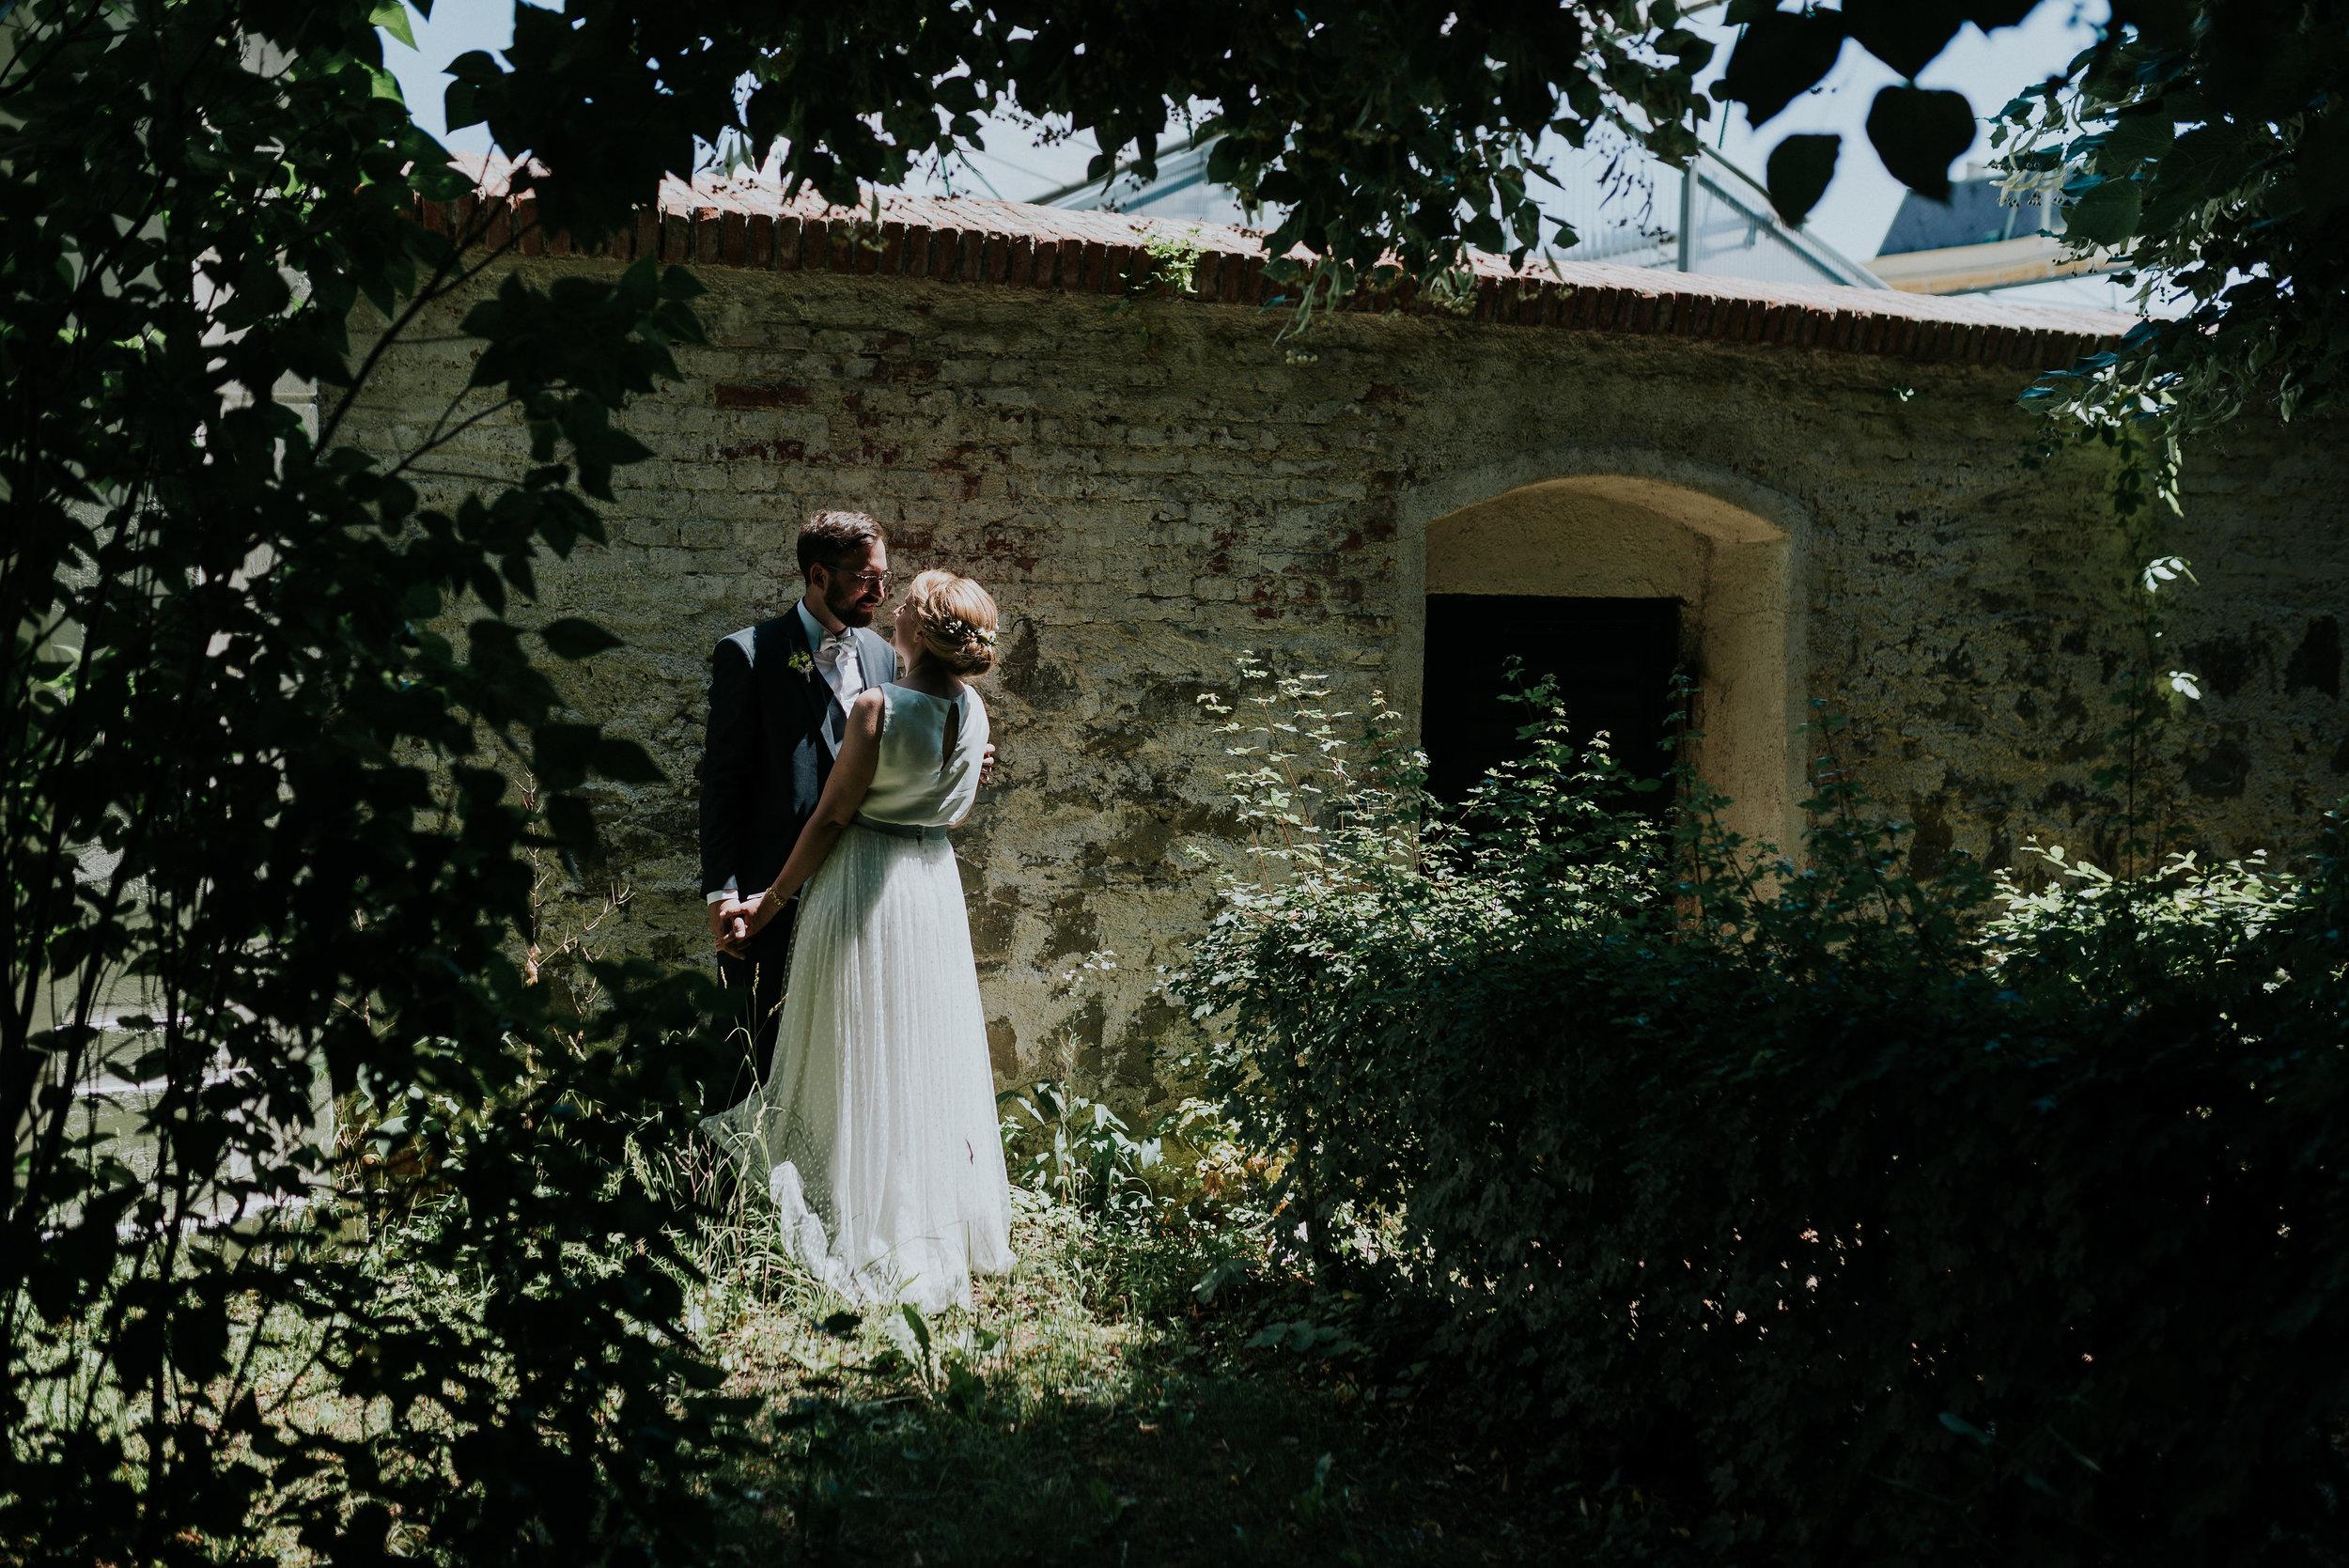 belle&sass_Hochzeit Jausenstation_0051.jpg